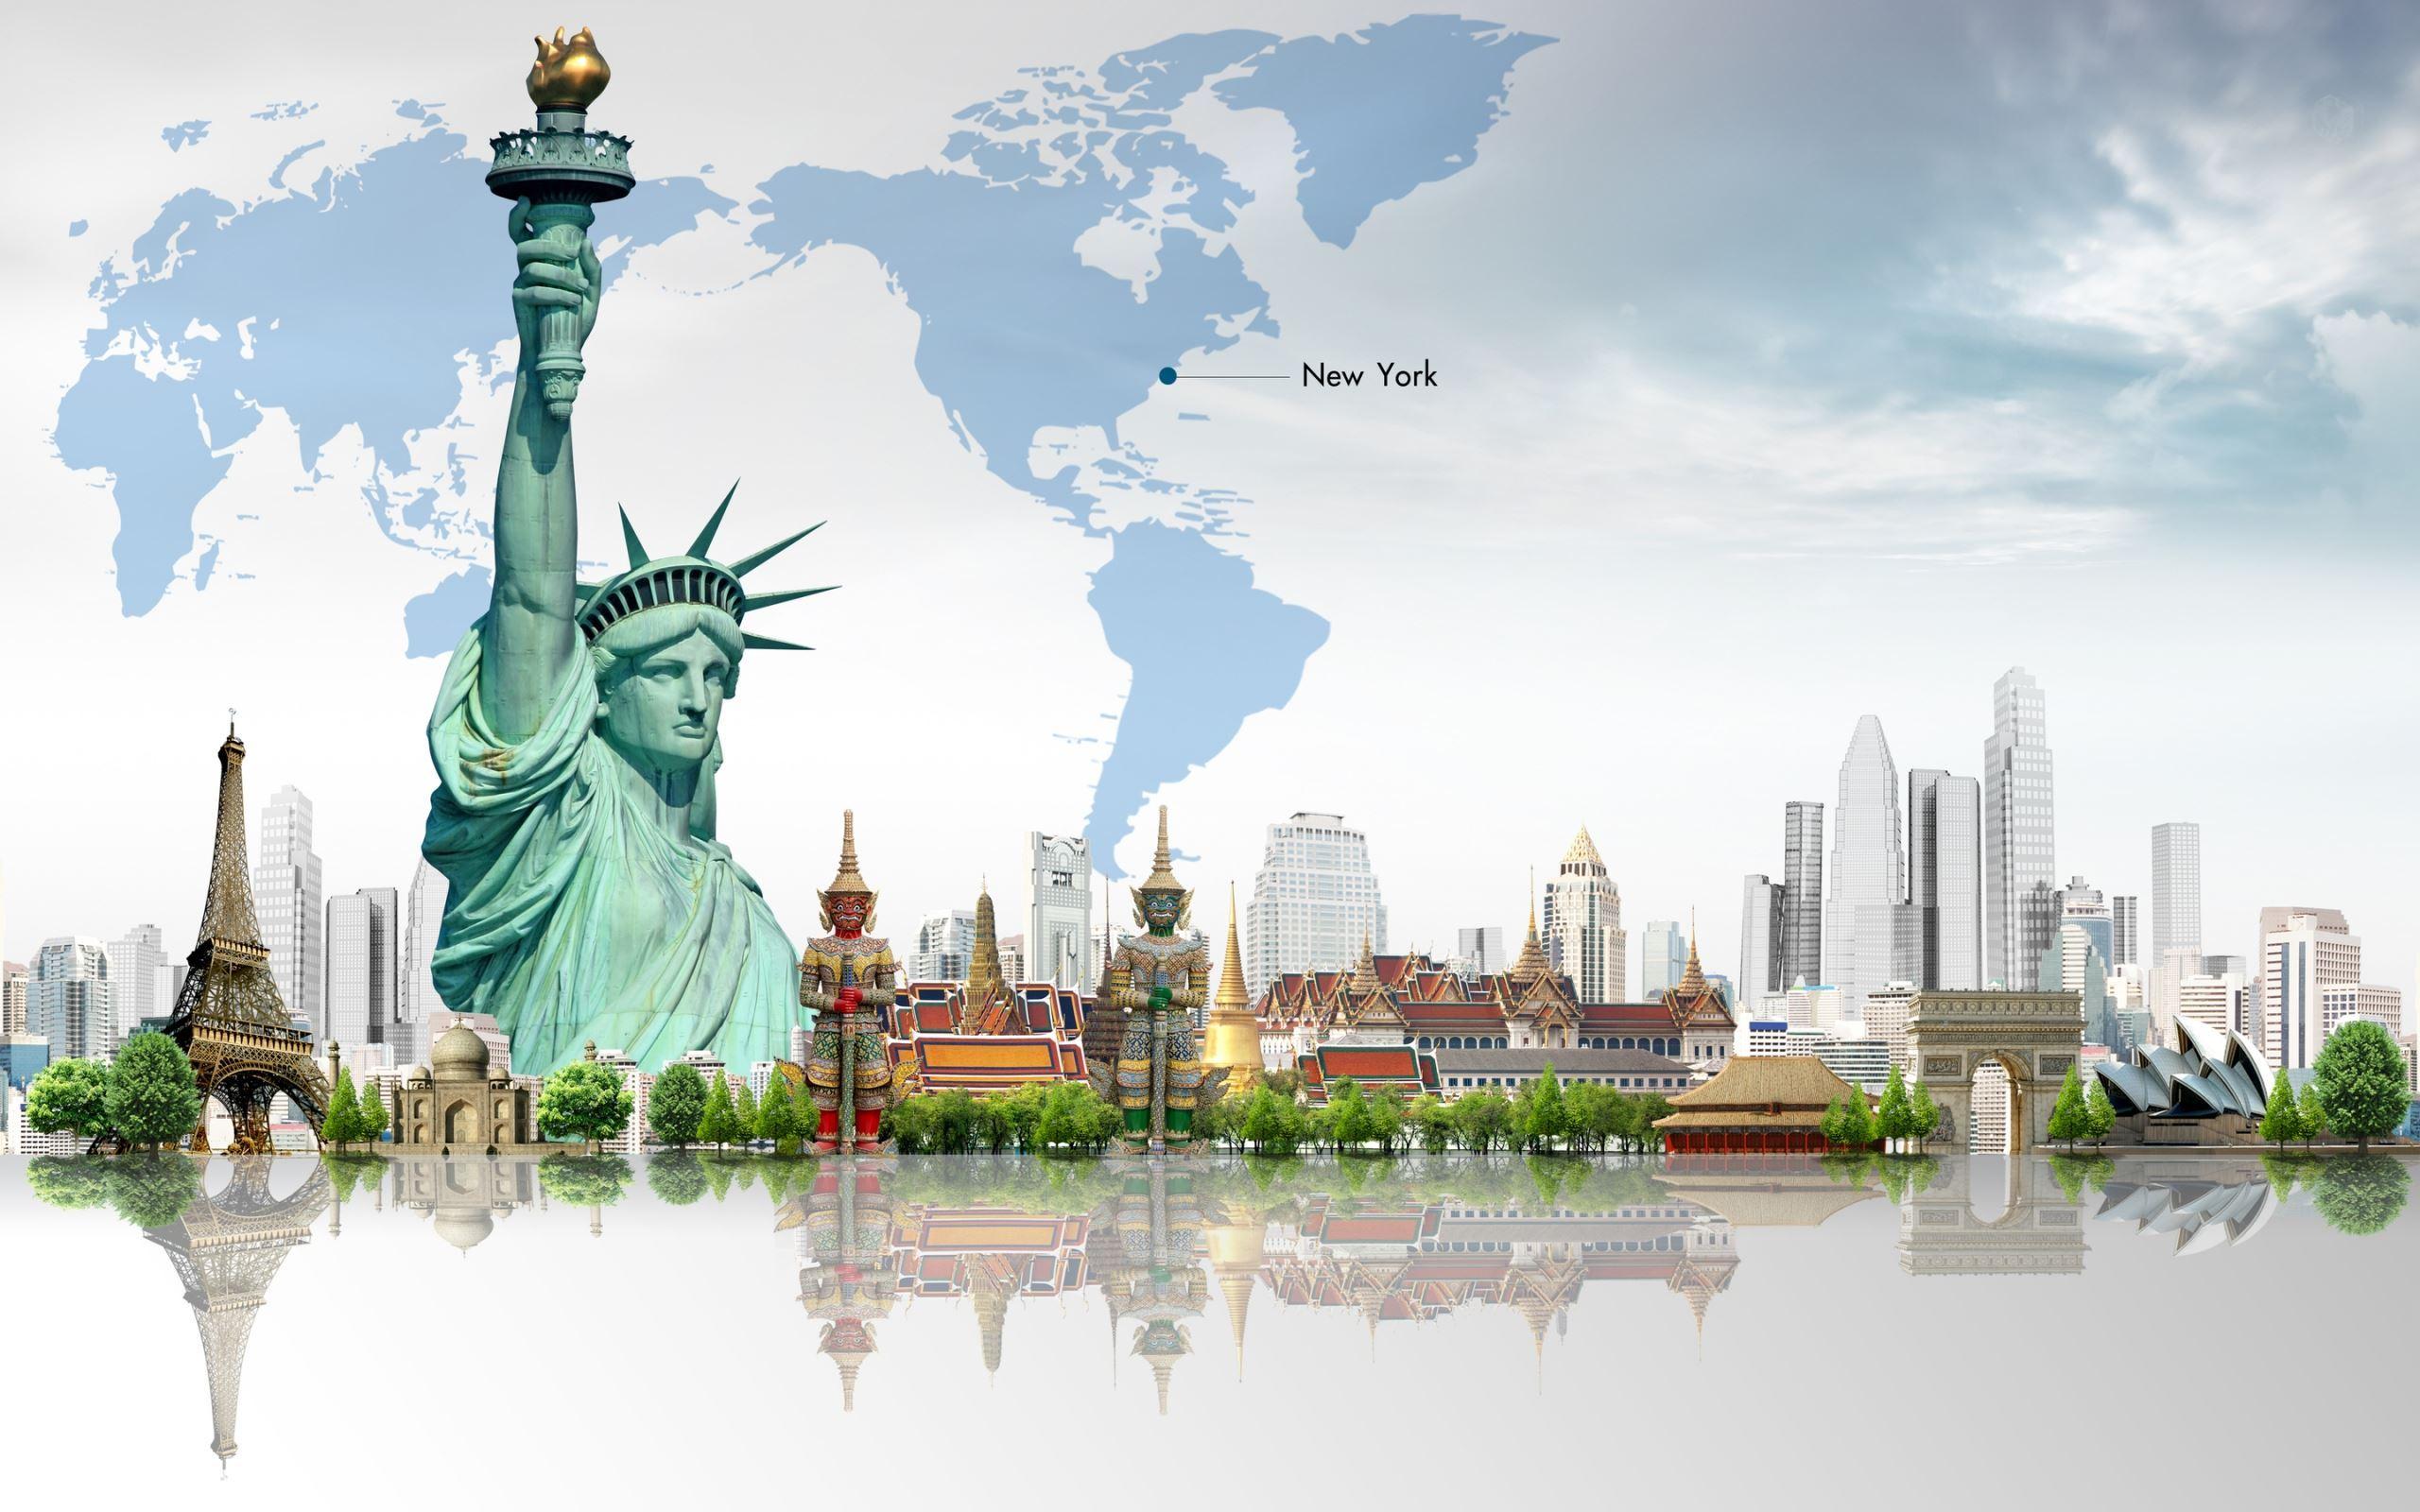 Hd wallpaper travel - World Travel Wallpaper 2427 Wallpaper Wallpaper Hd